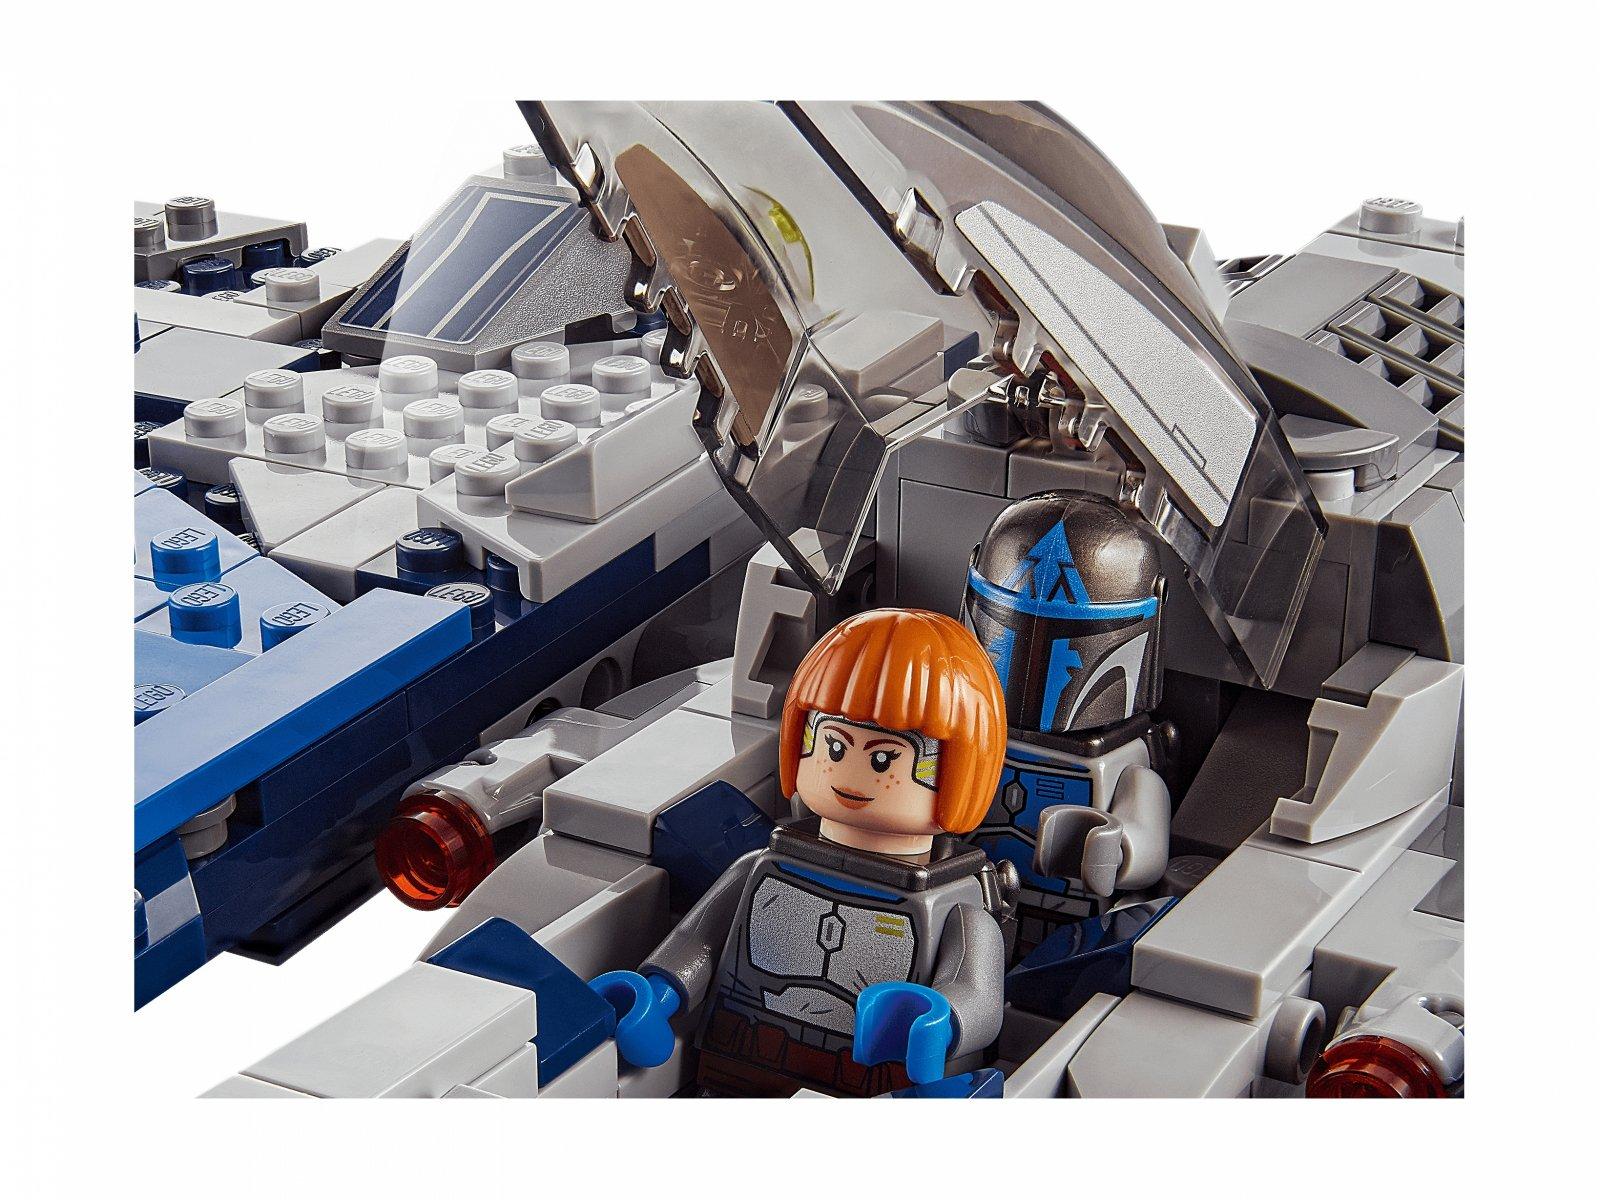 LEGO Star Wars Mandaloriański myśliwiec™ 75316